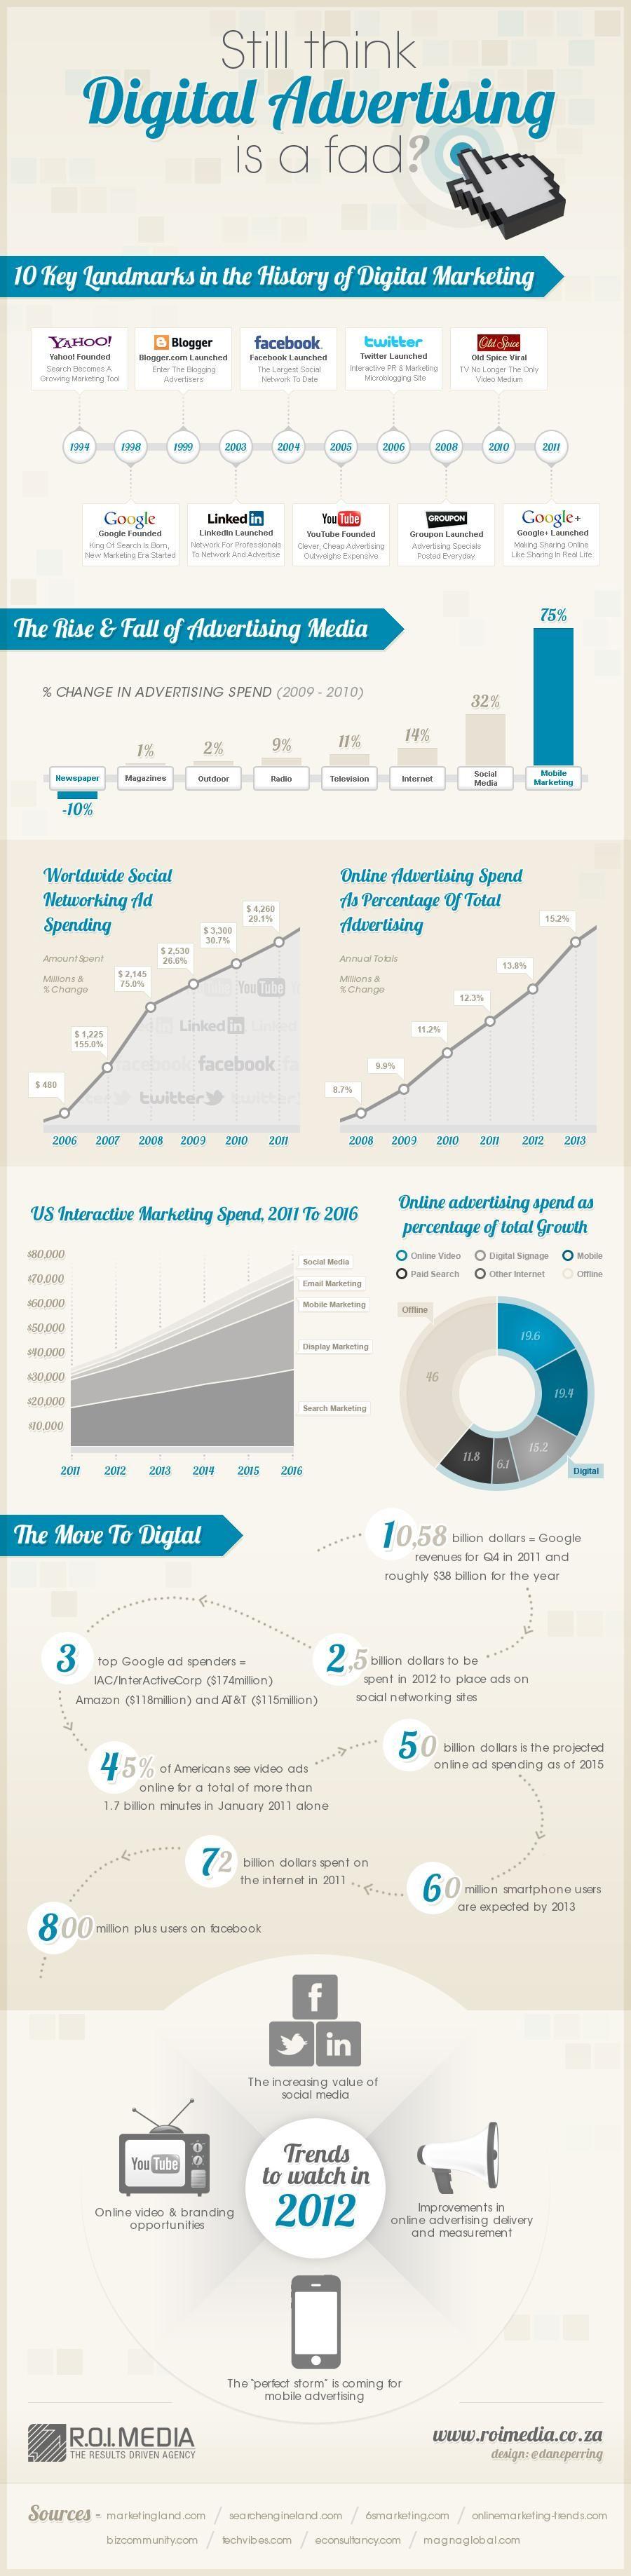 Ainda acha que a publicidade digital é uma moda? #infográfico #infographic